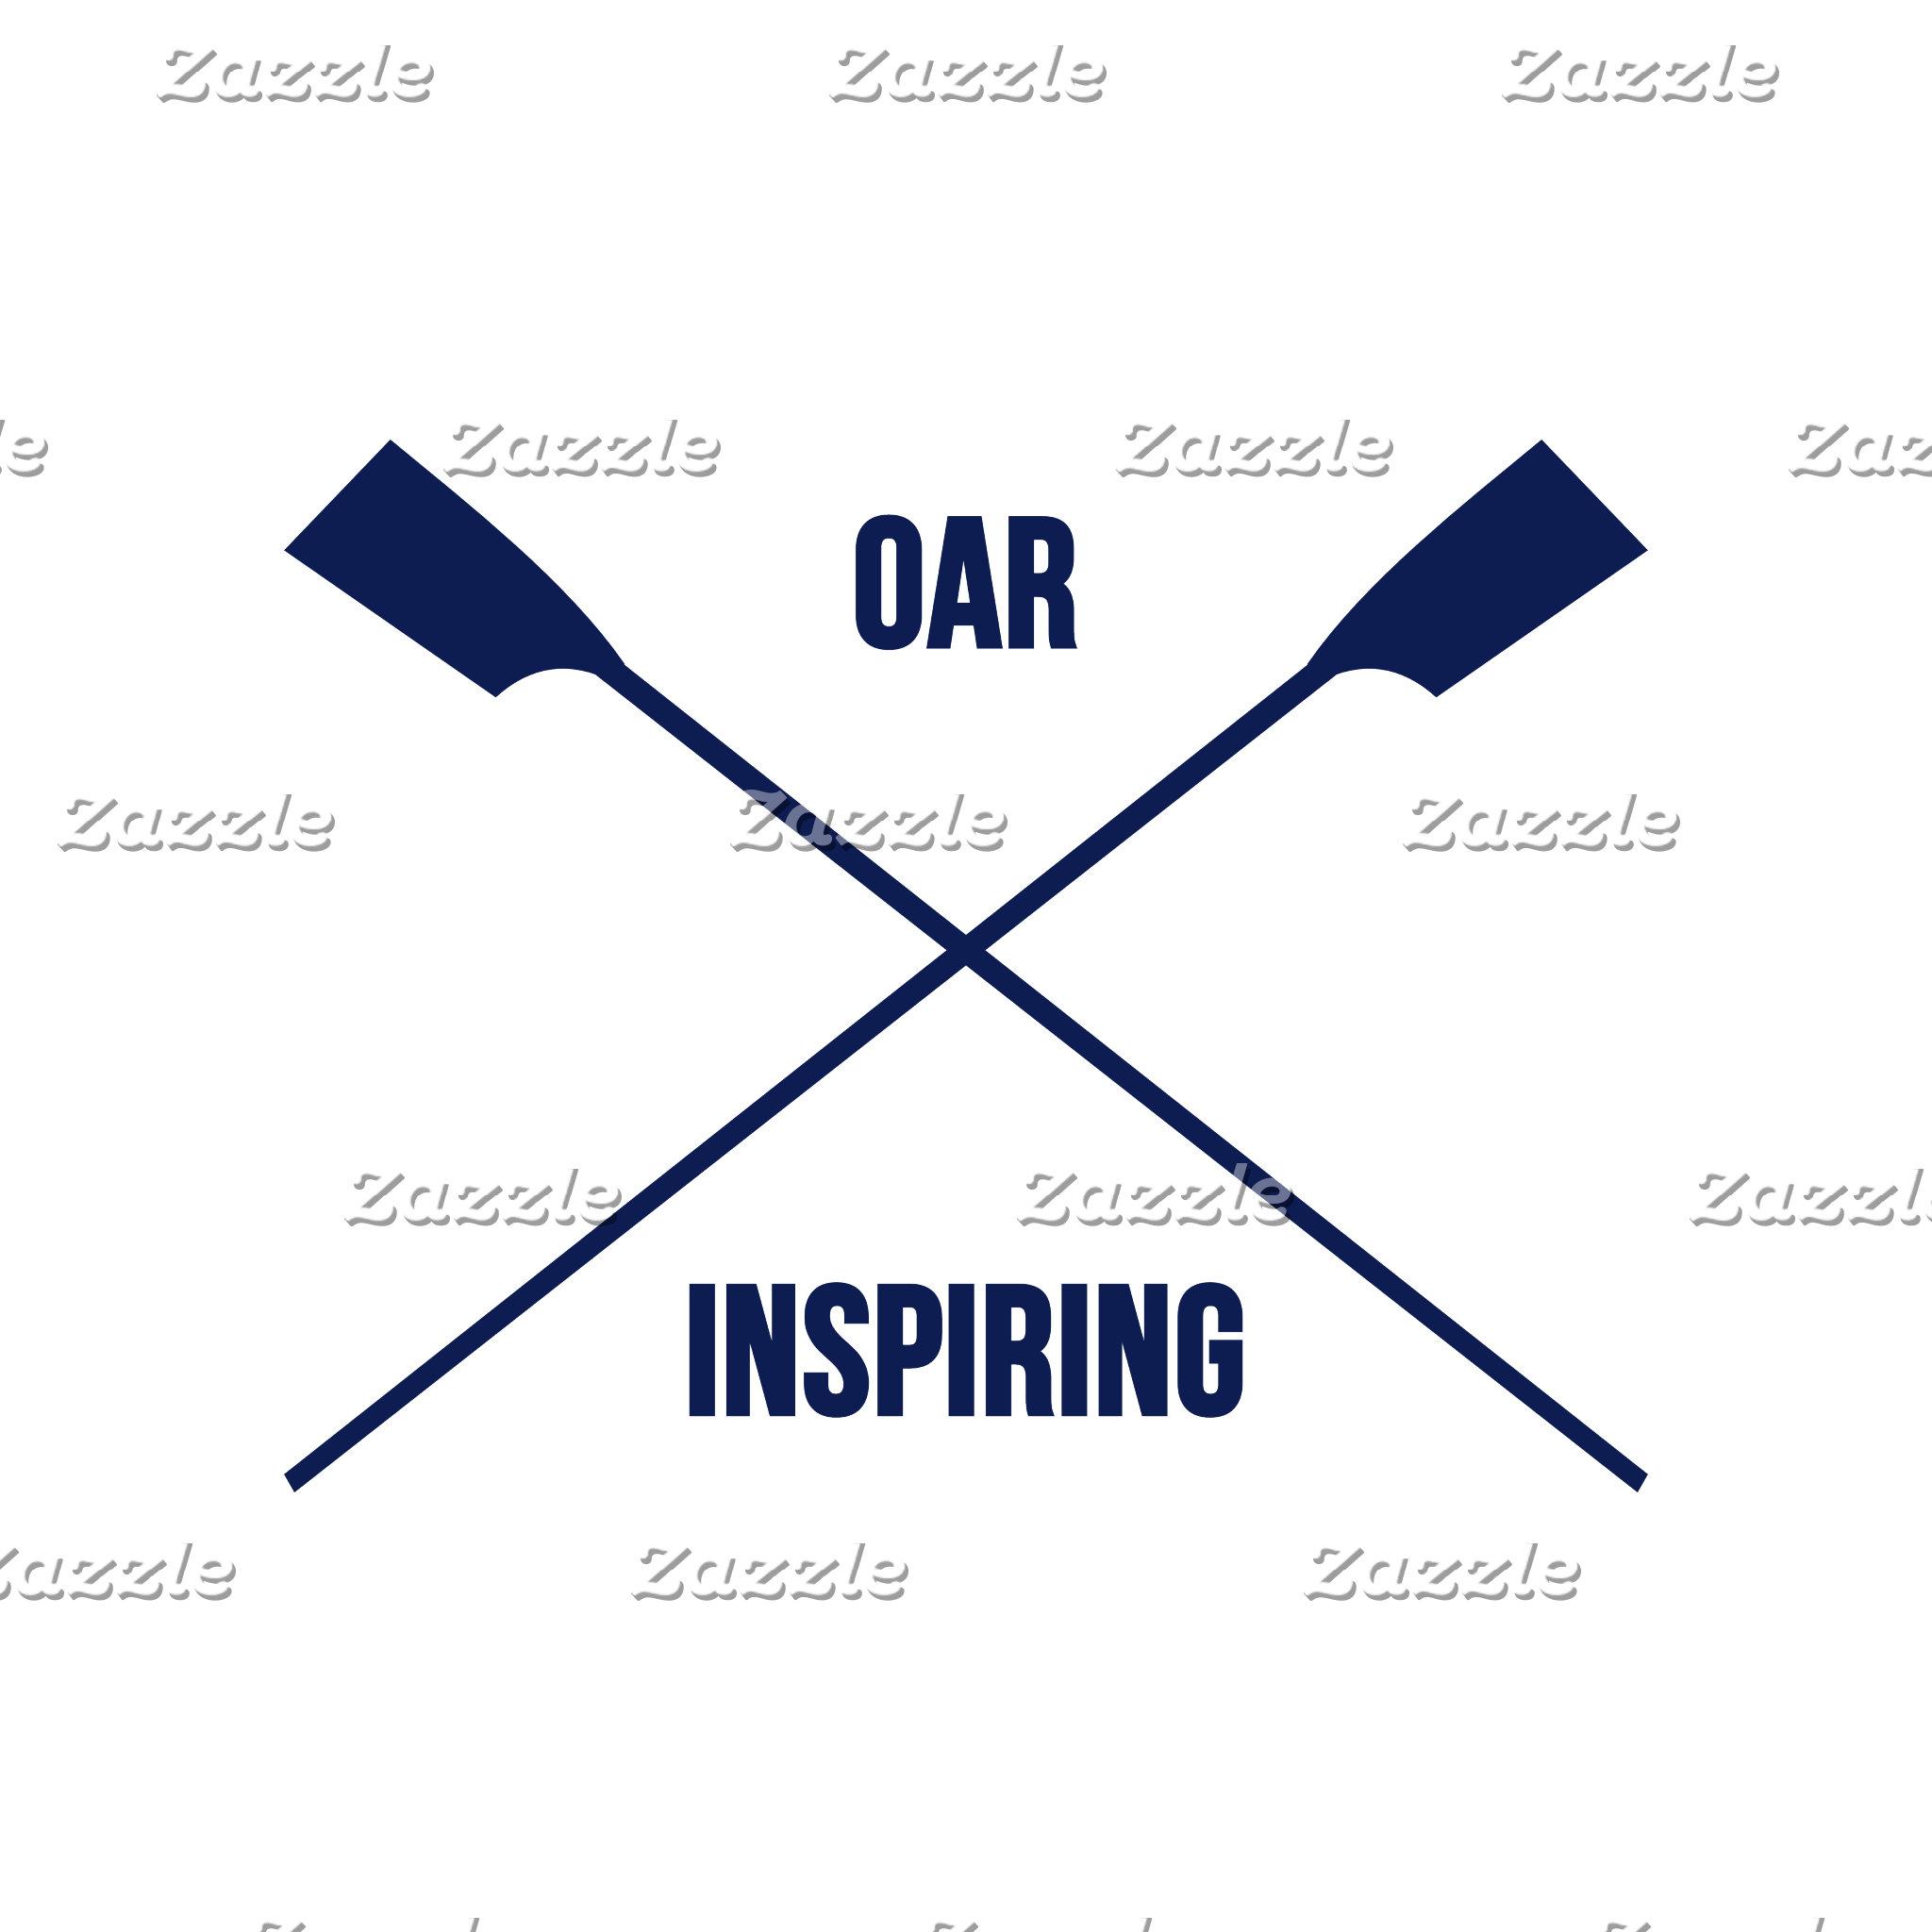 Oar Inspiring